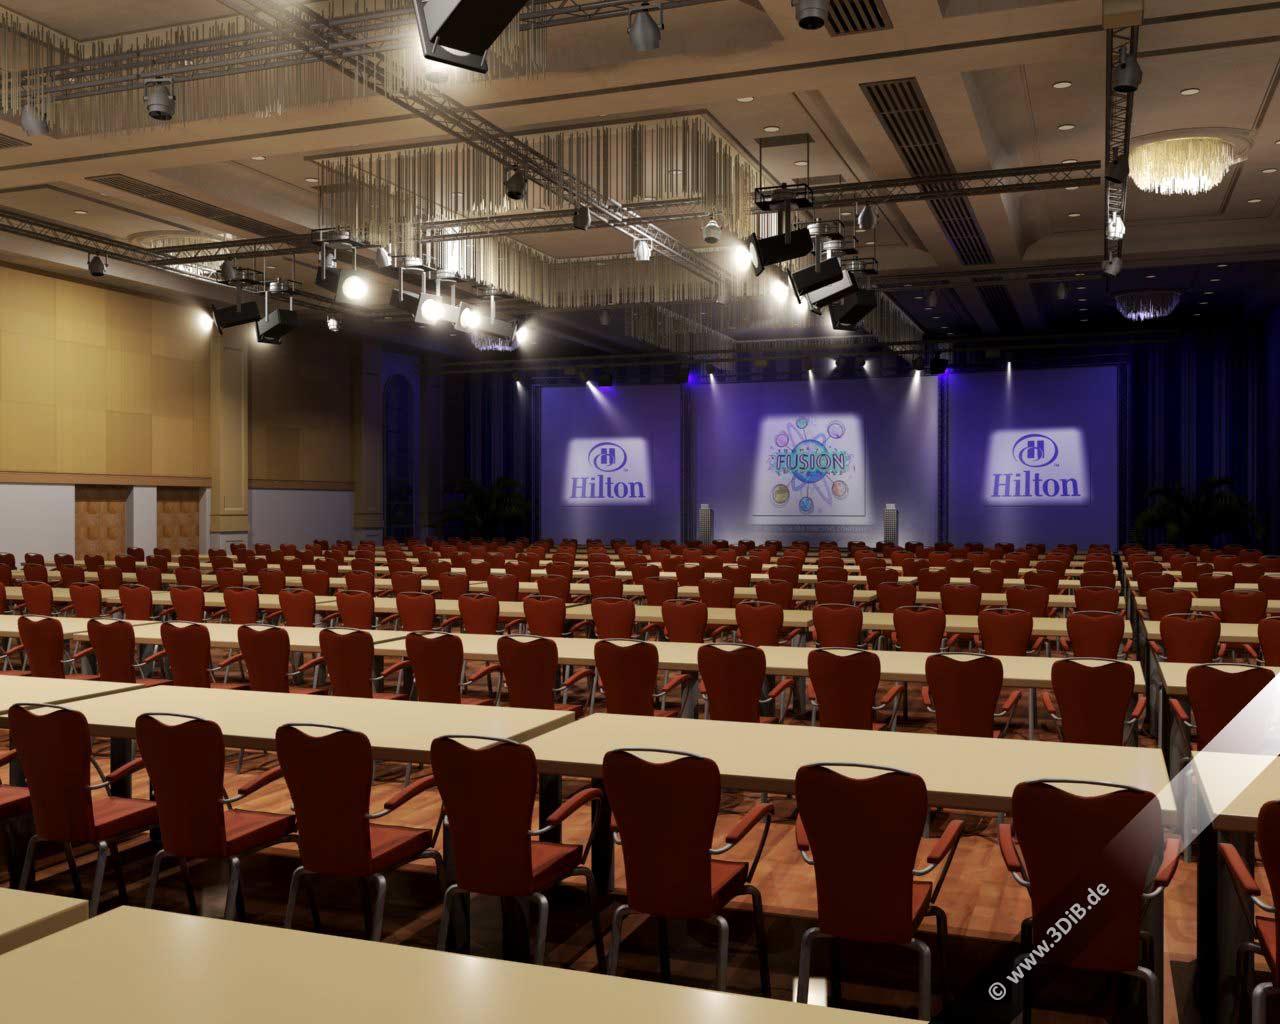 Eventvisualisierung-Hilton-3D-Visualisierung-Konferenzsetup-Veranstaltungsplanung